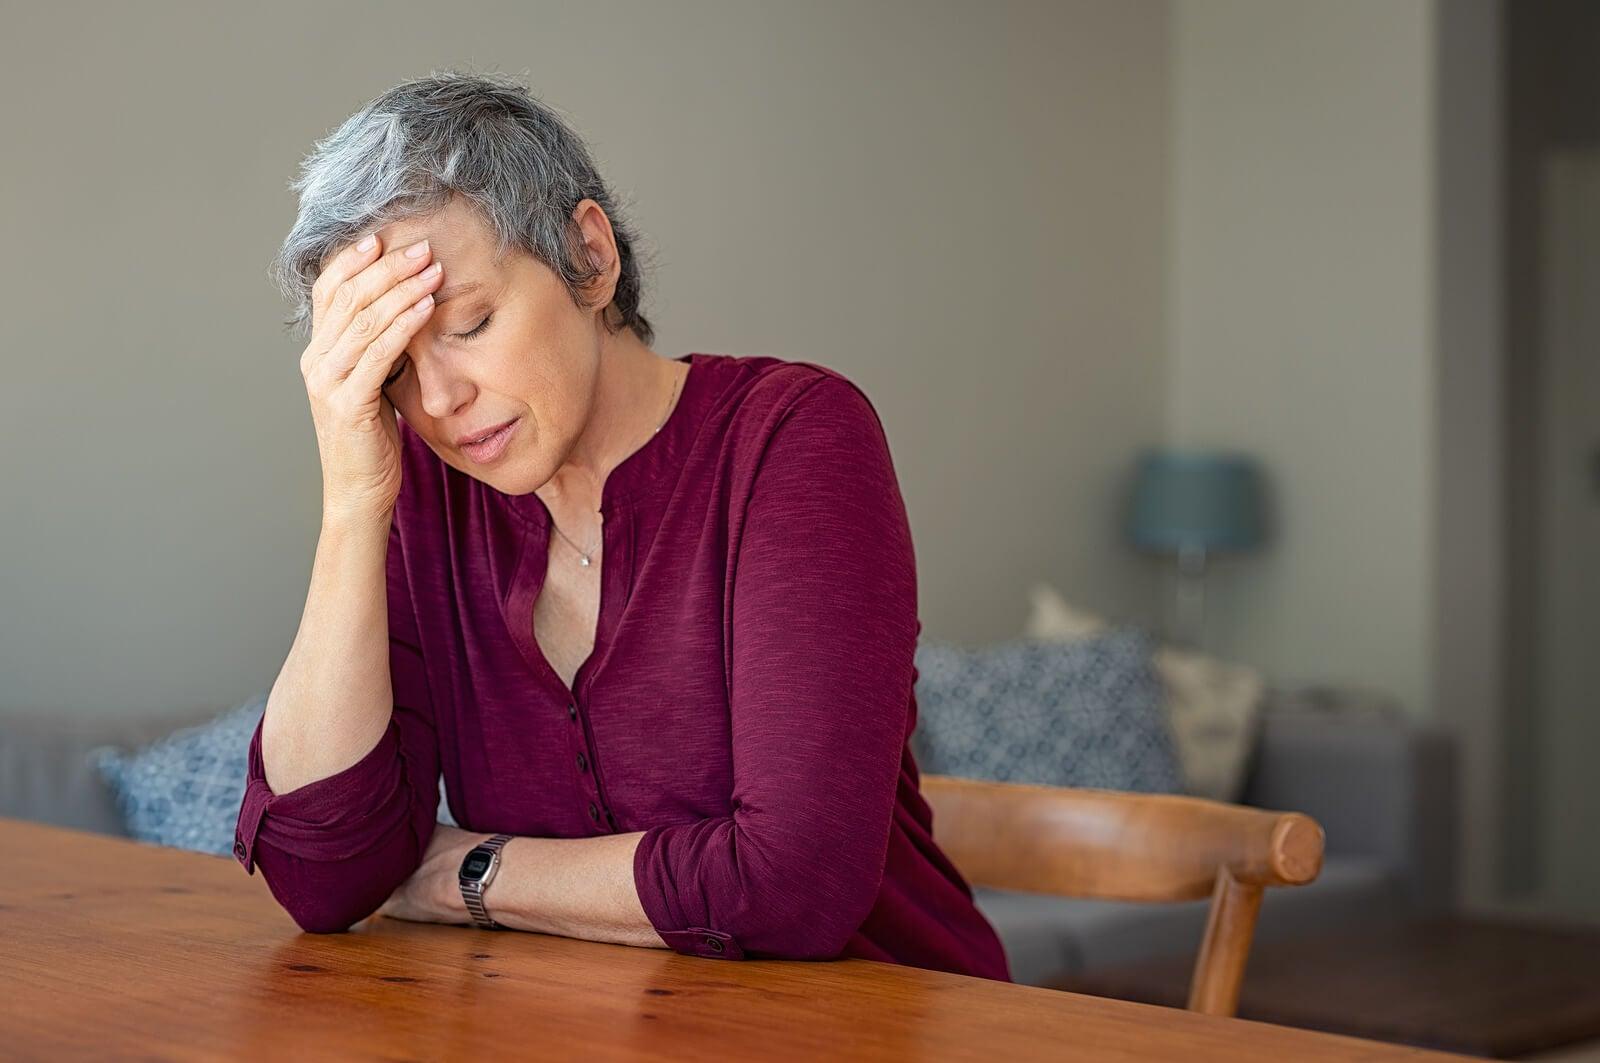 Mujer con estrés y con dificultades para concentrarse.